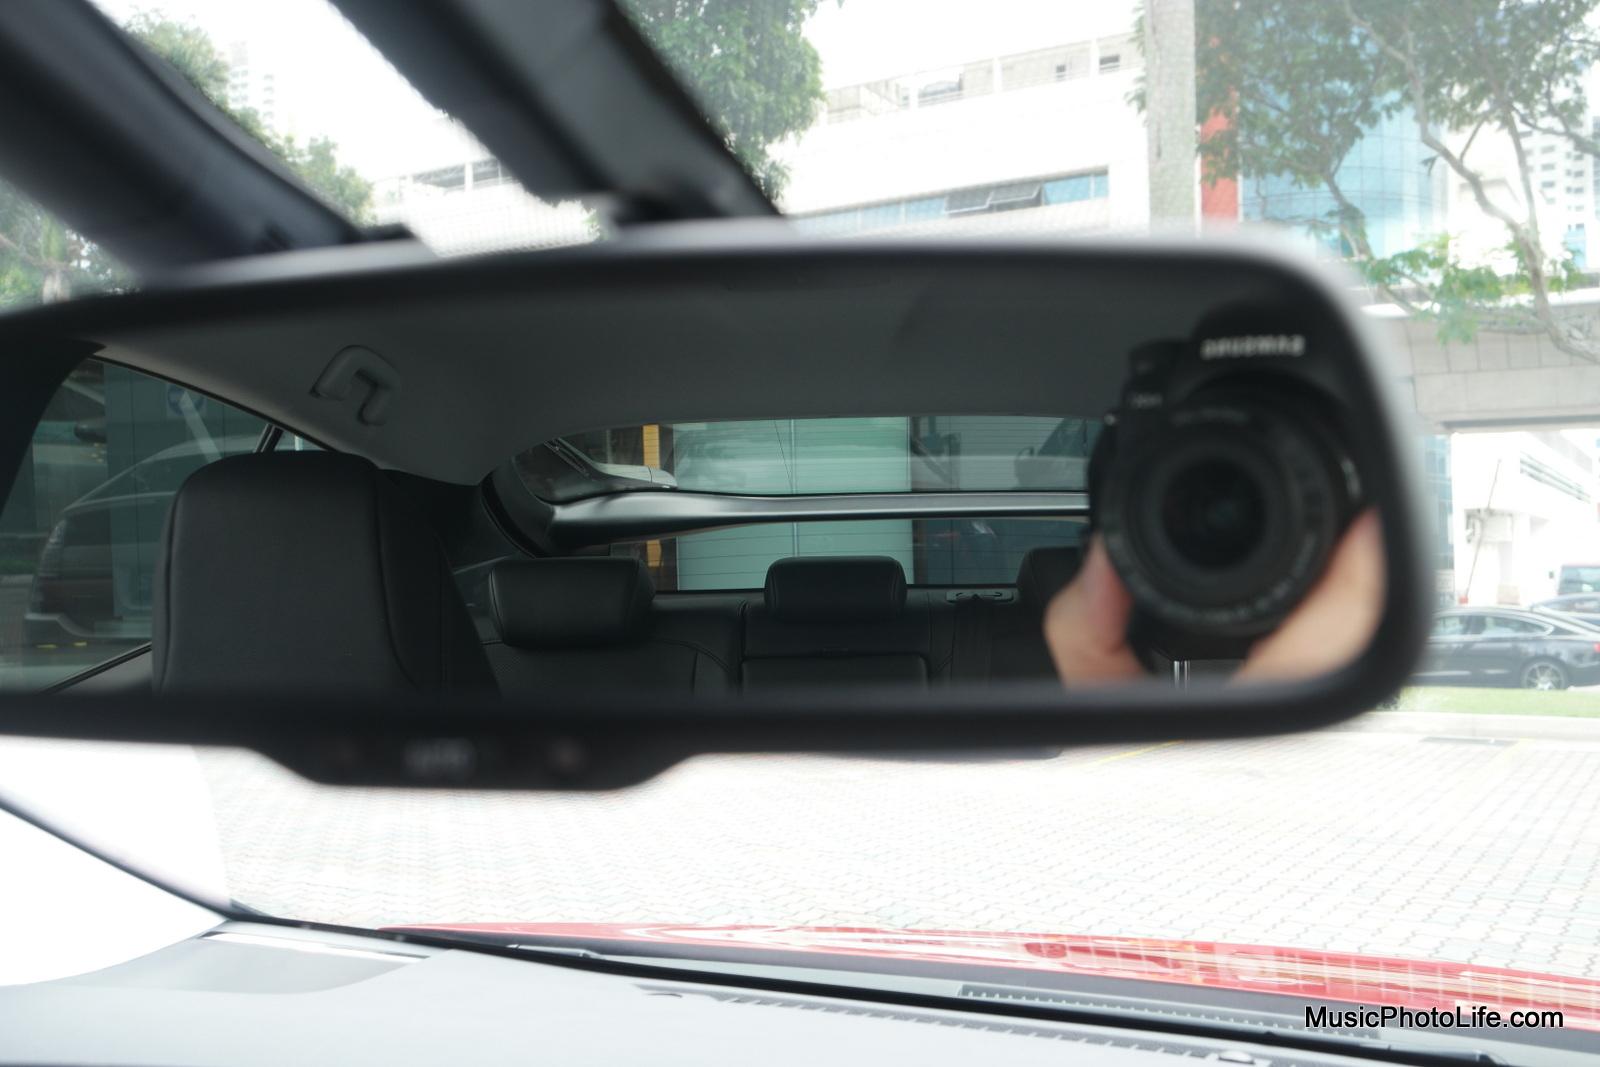 Toyota Prius 2016 rear view mirror